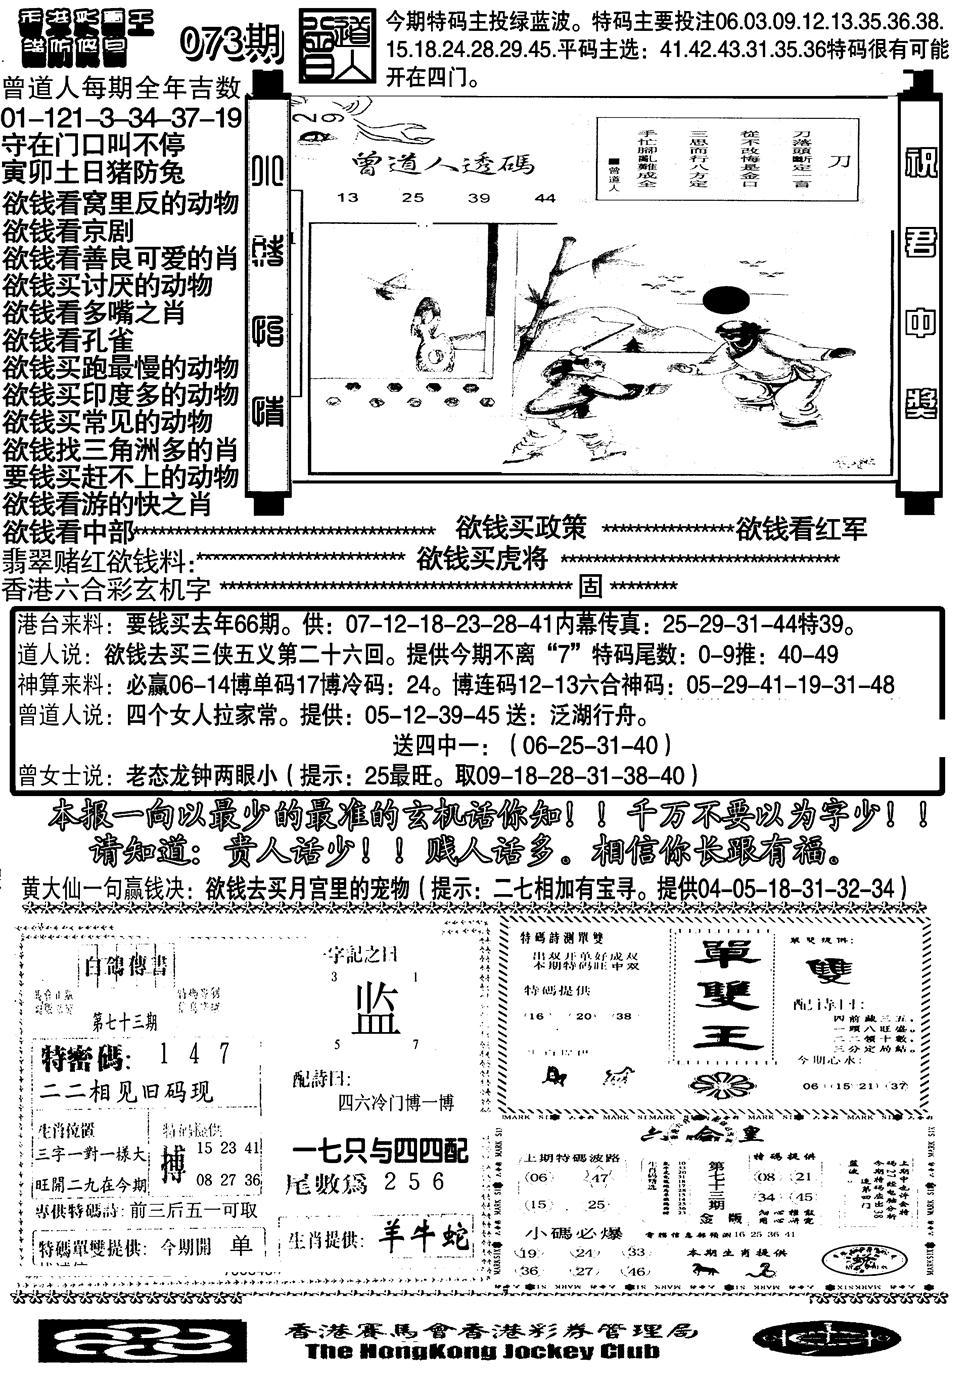 073期大刀彩霸王B(黑白)